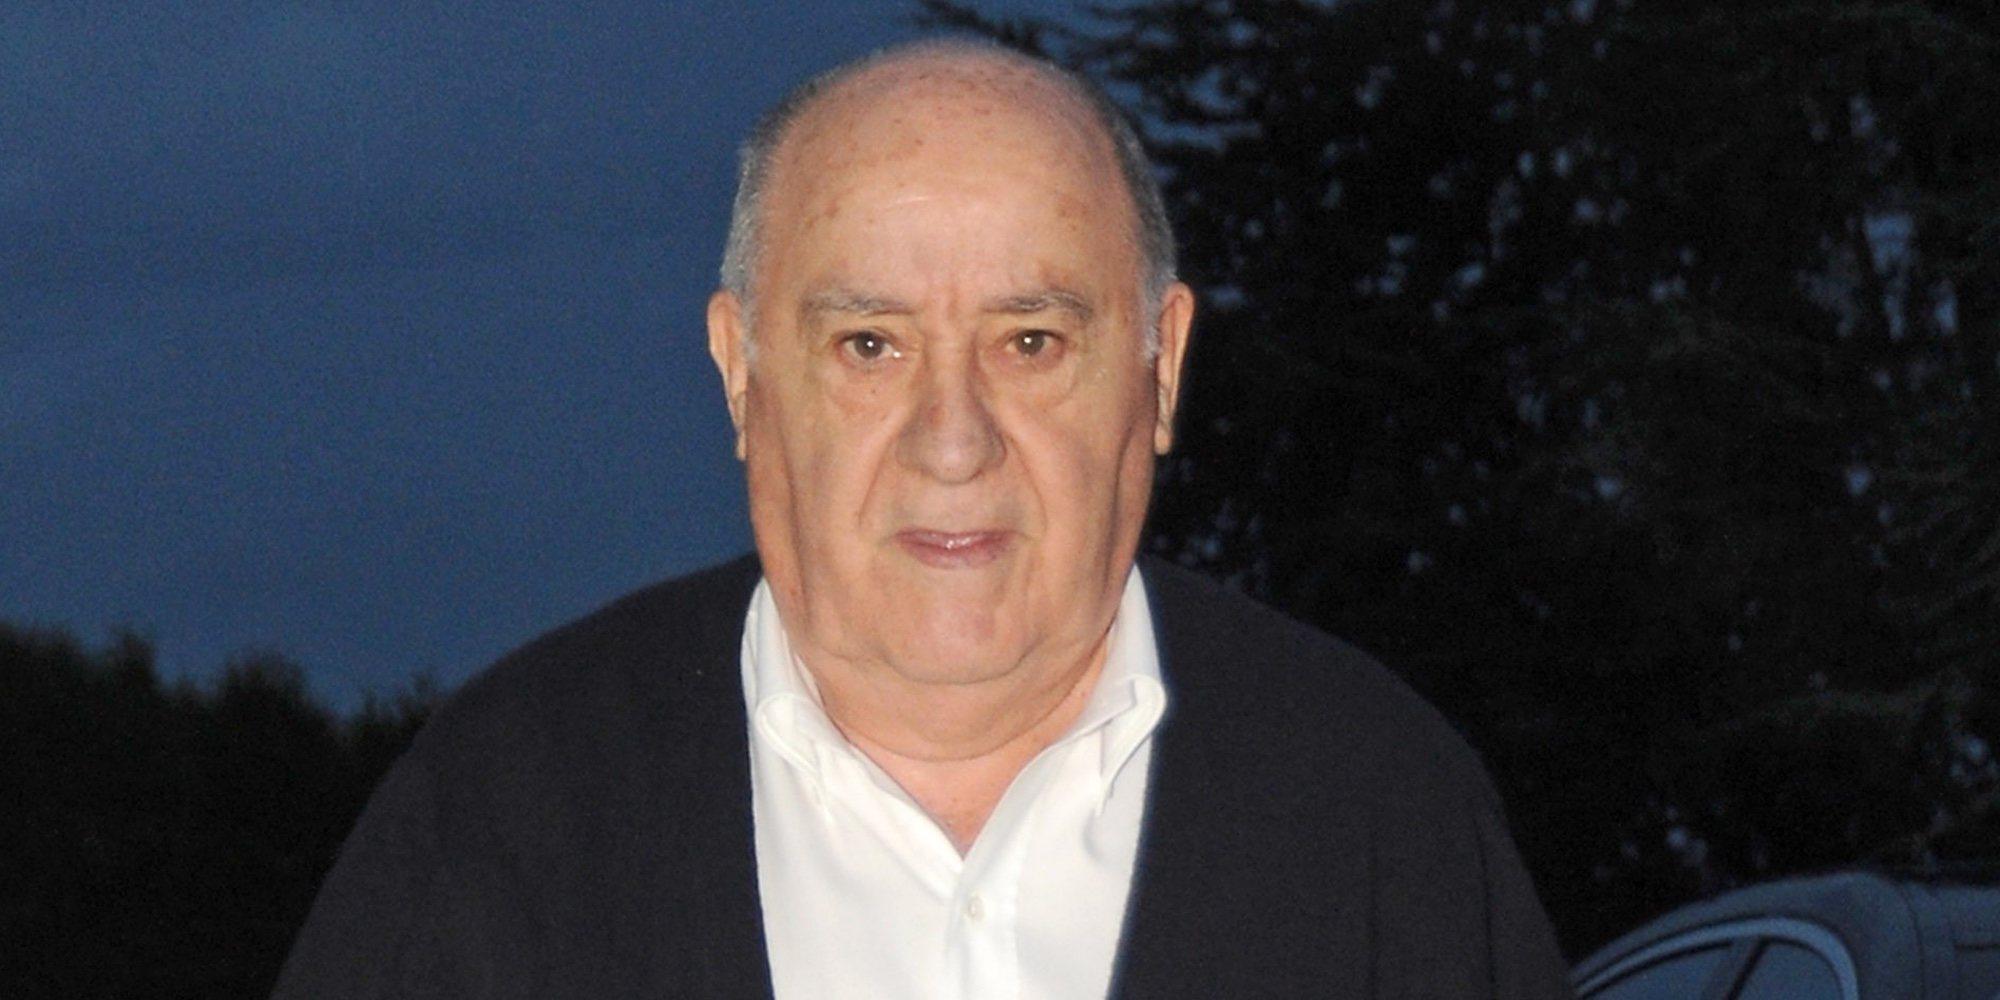 Amancio Ortega dona 8,5 millones de euros a Cáritas y genera un gran debate en las redes